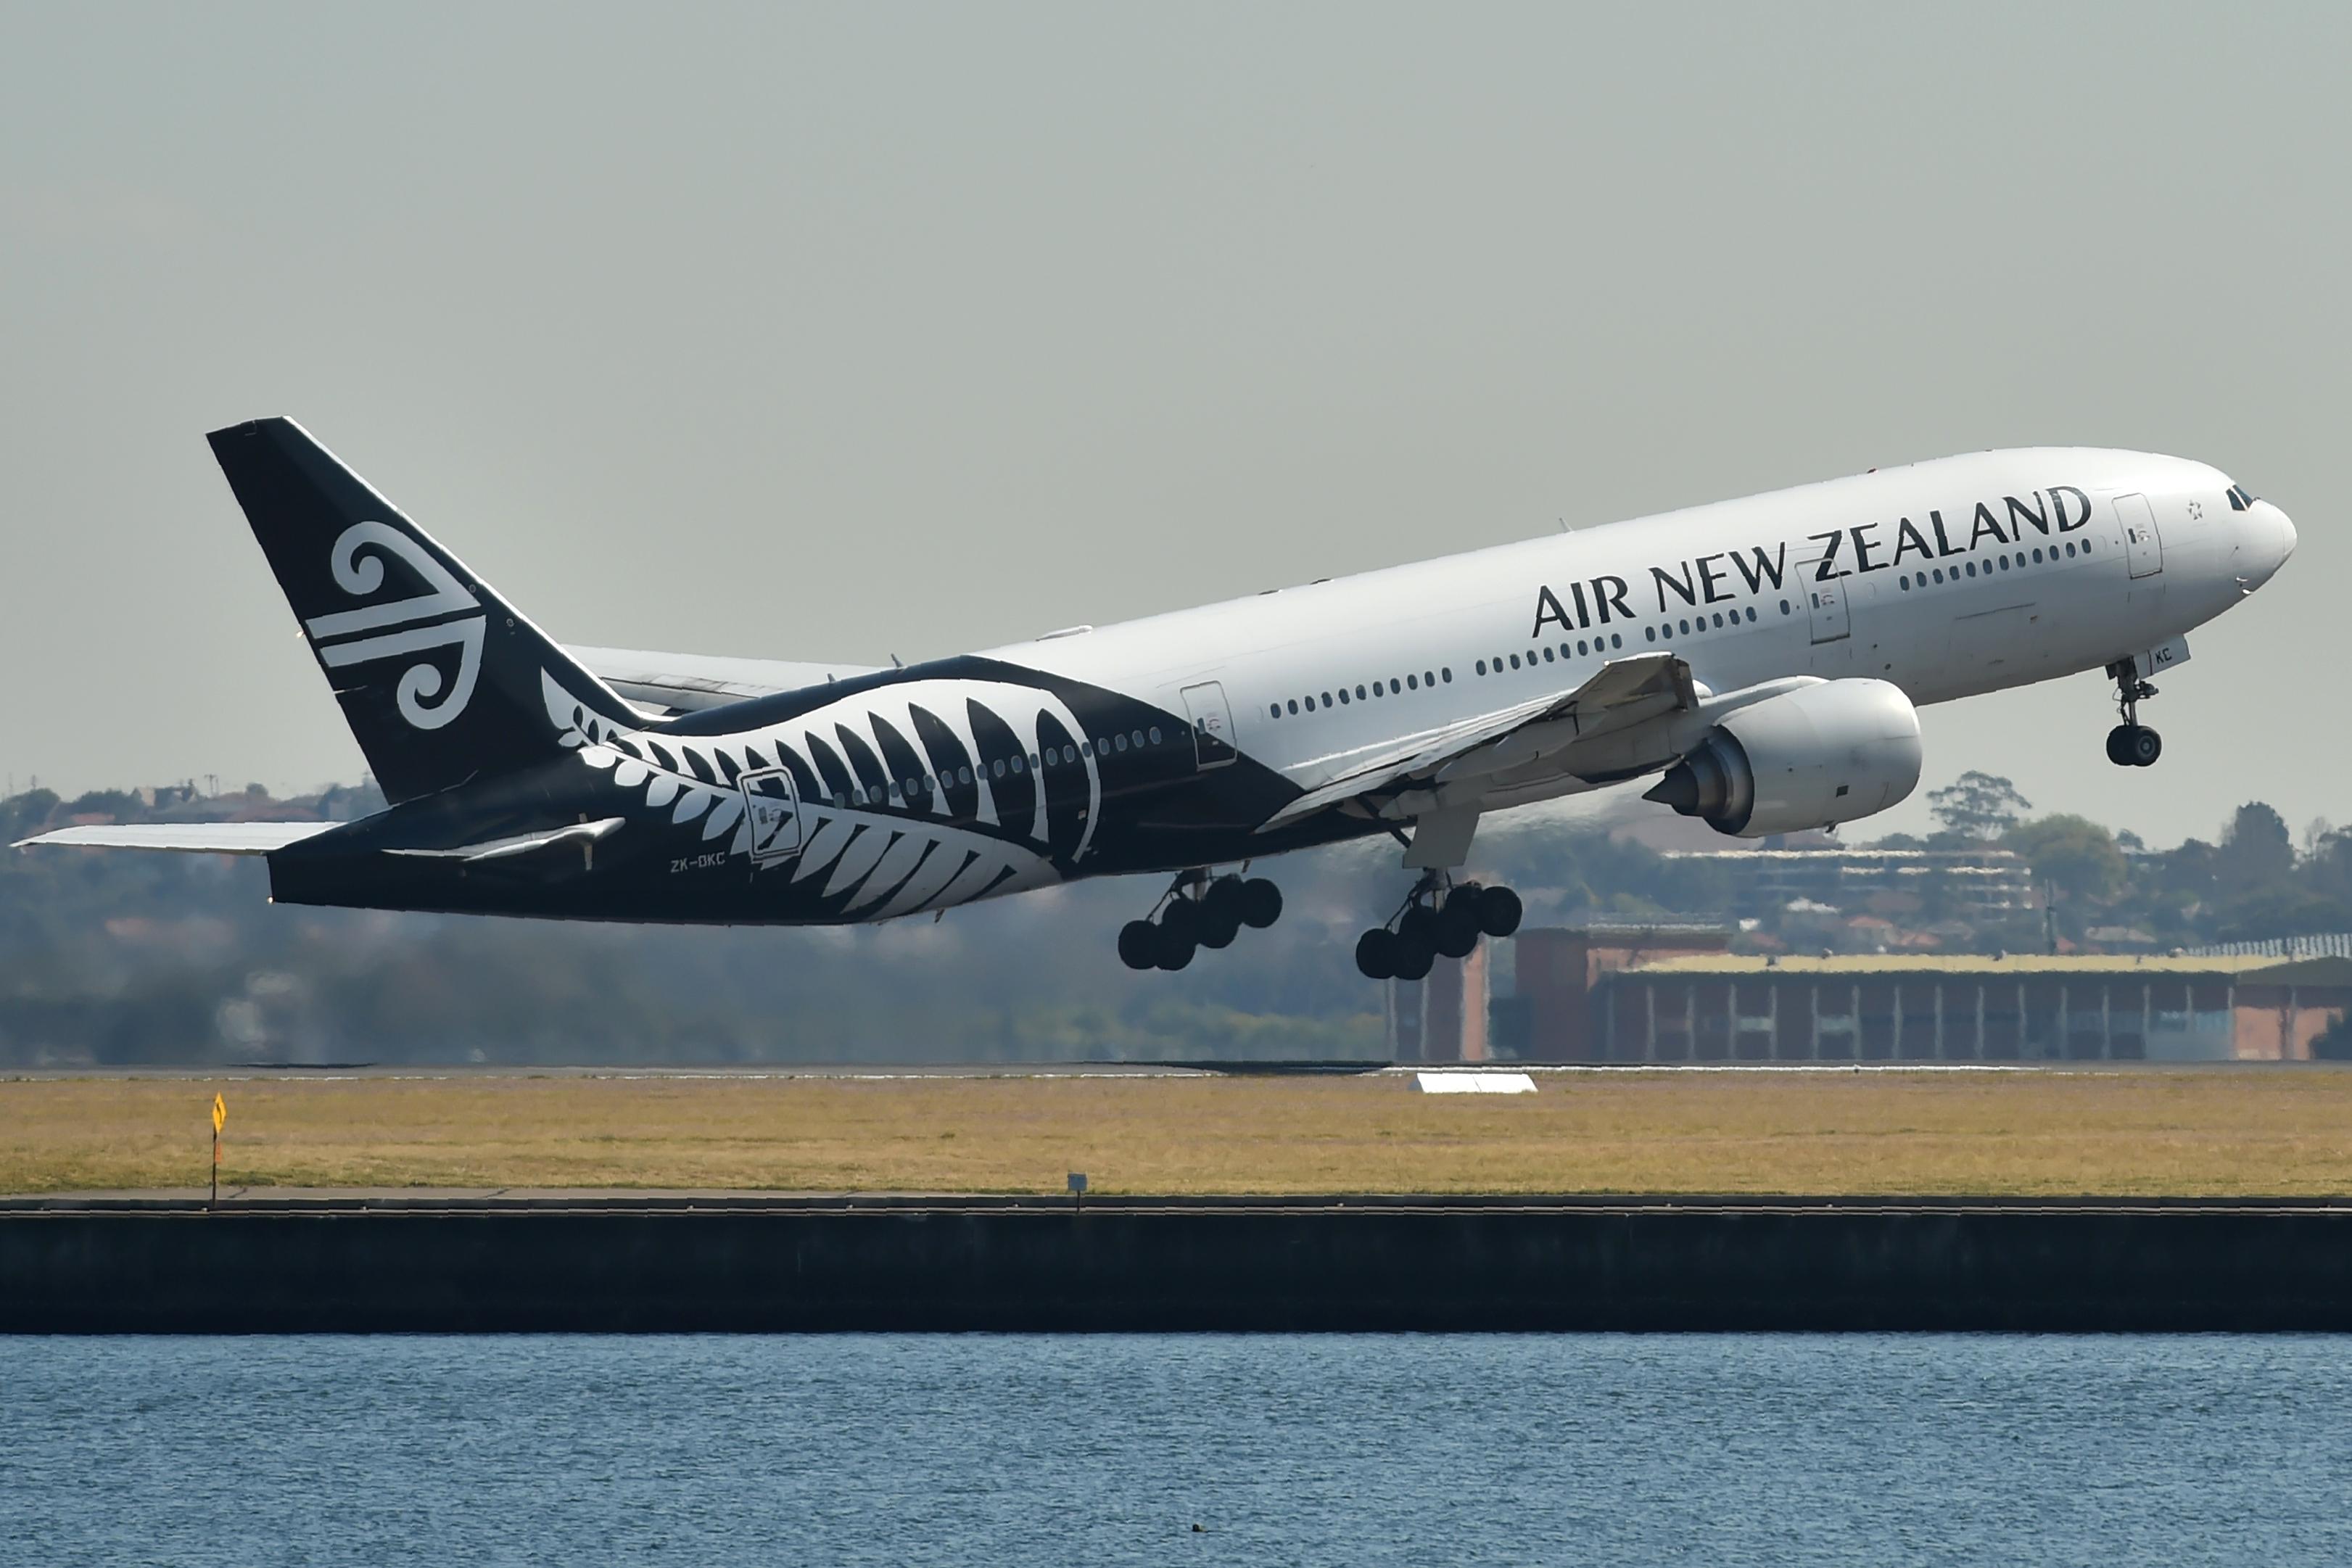 طائرة تابعة لطيران نيوزيلندا